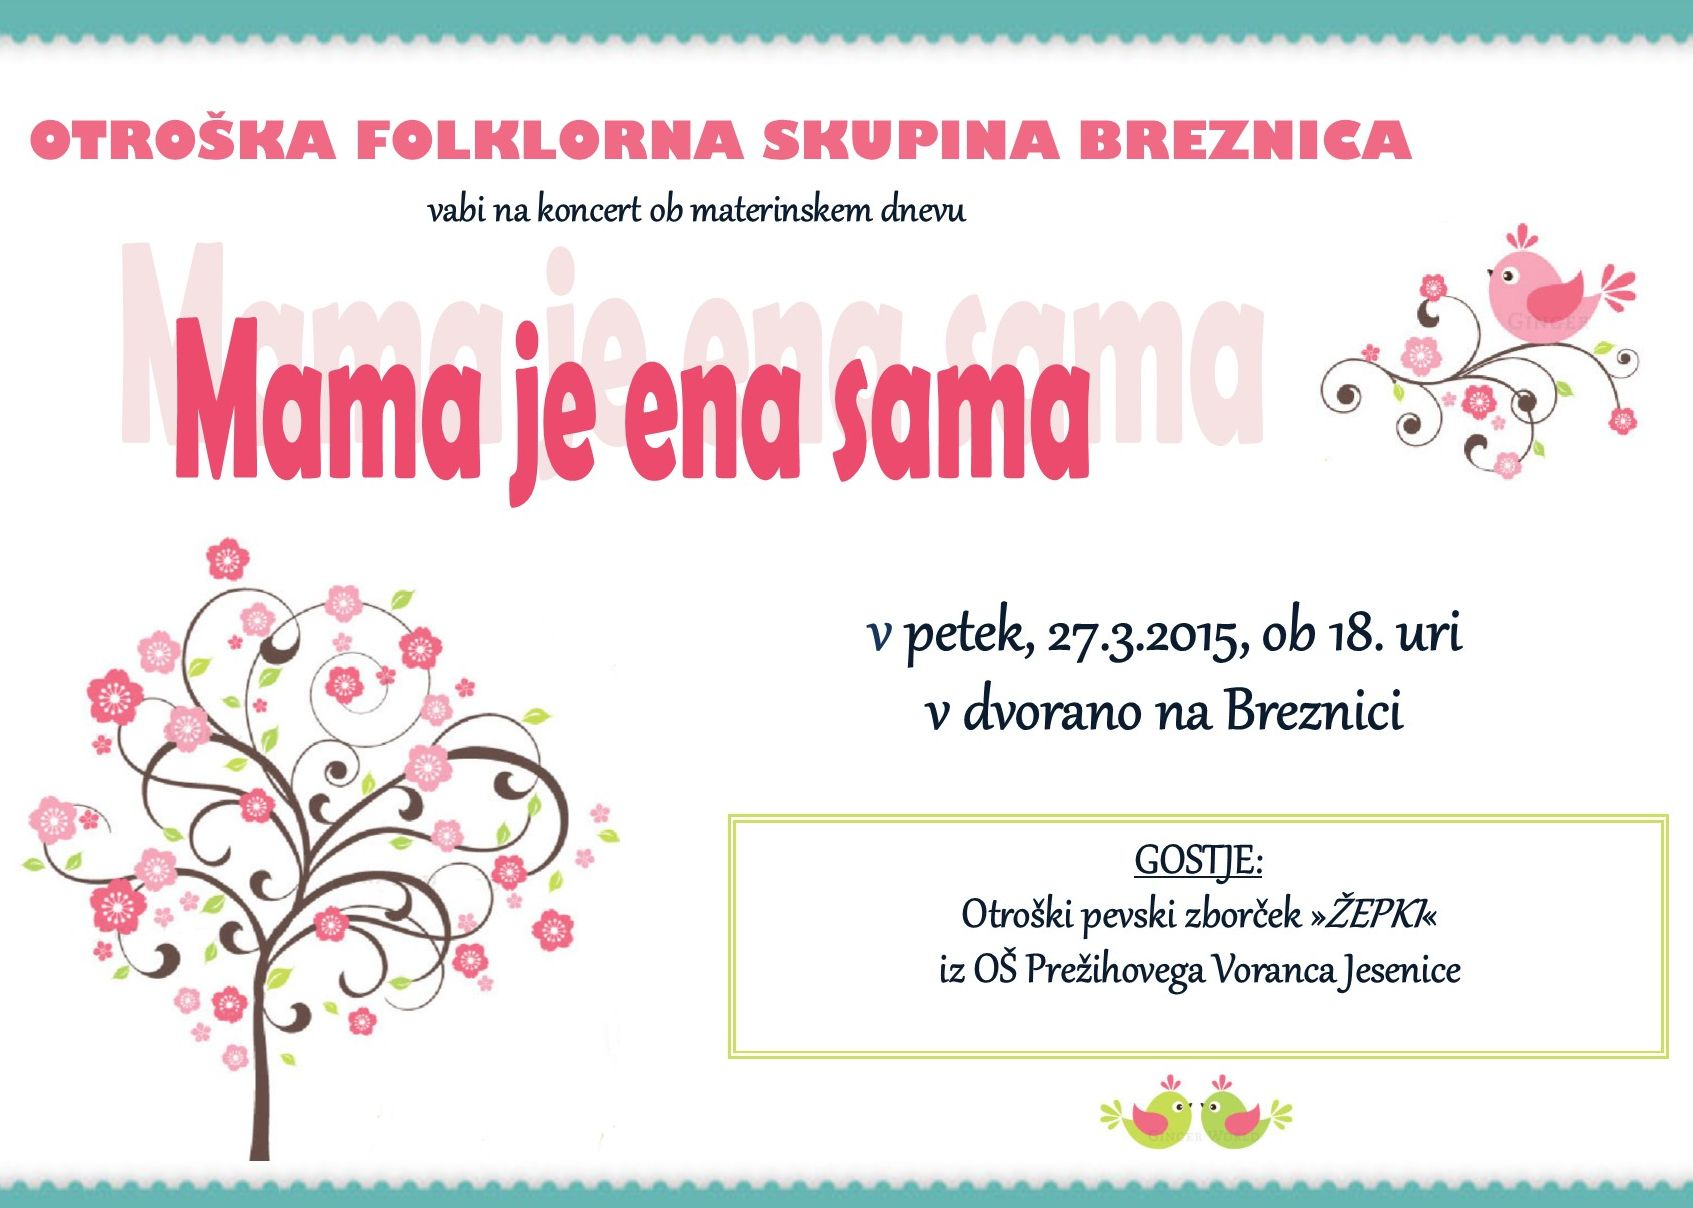 vabilo na koncert ob materinskem dnevu - Otroka folklorna skupina Breznica (1)